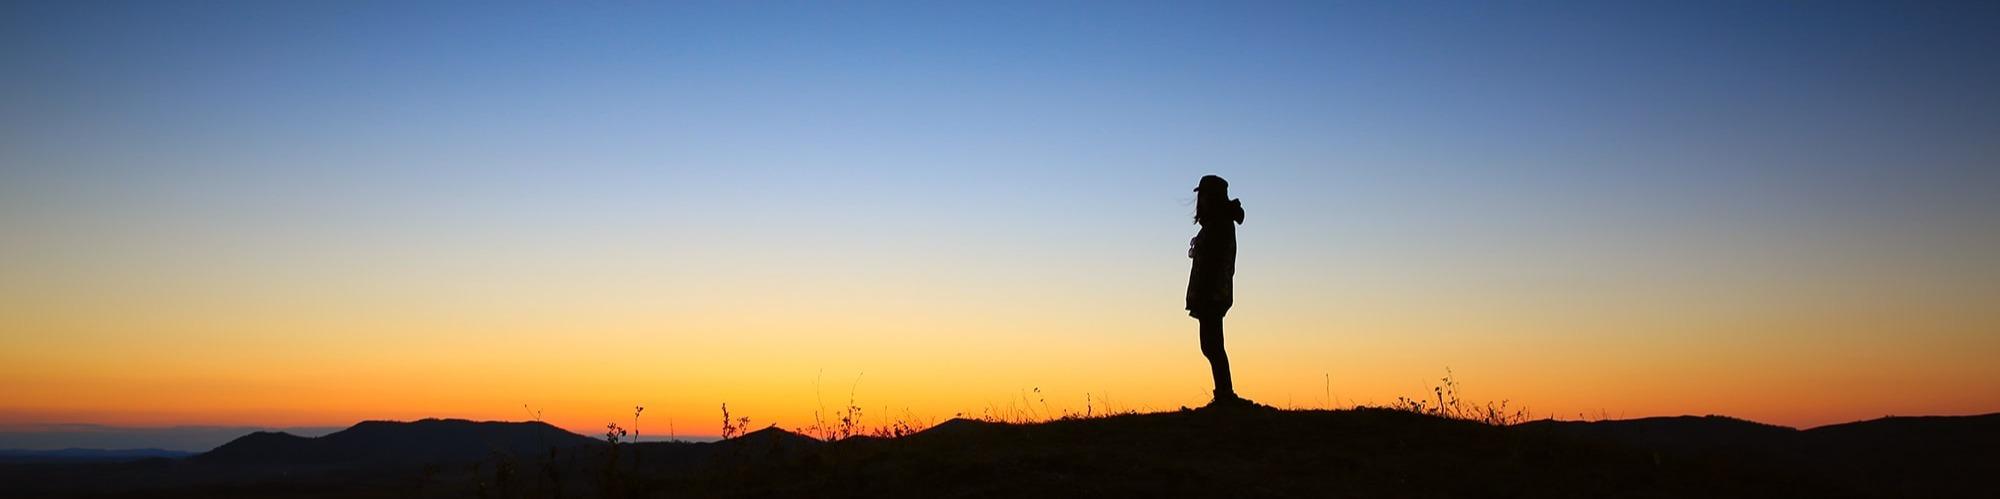 Solnedgång med person i motljus.